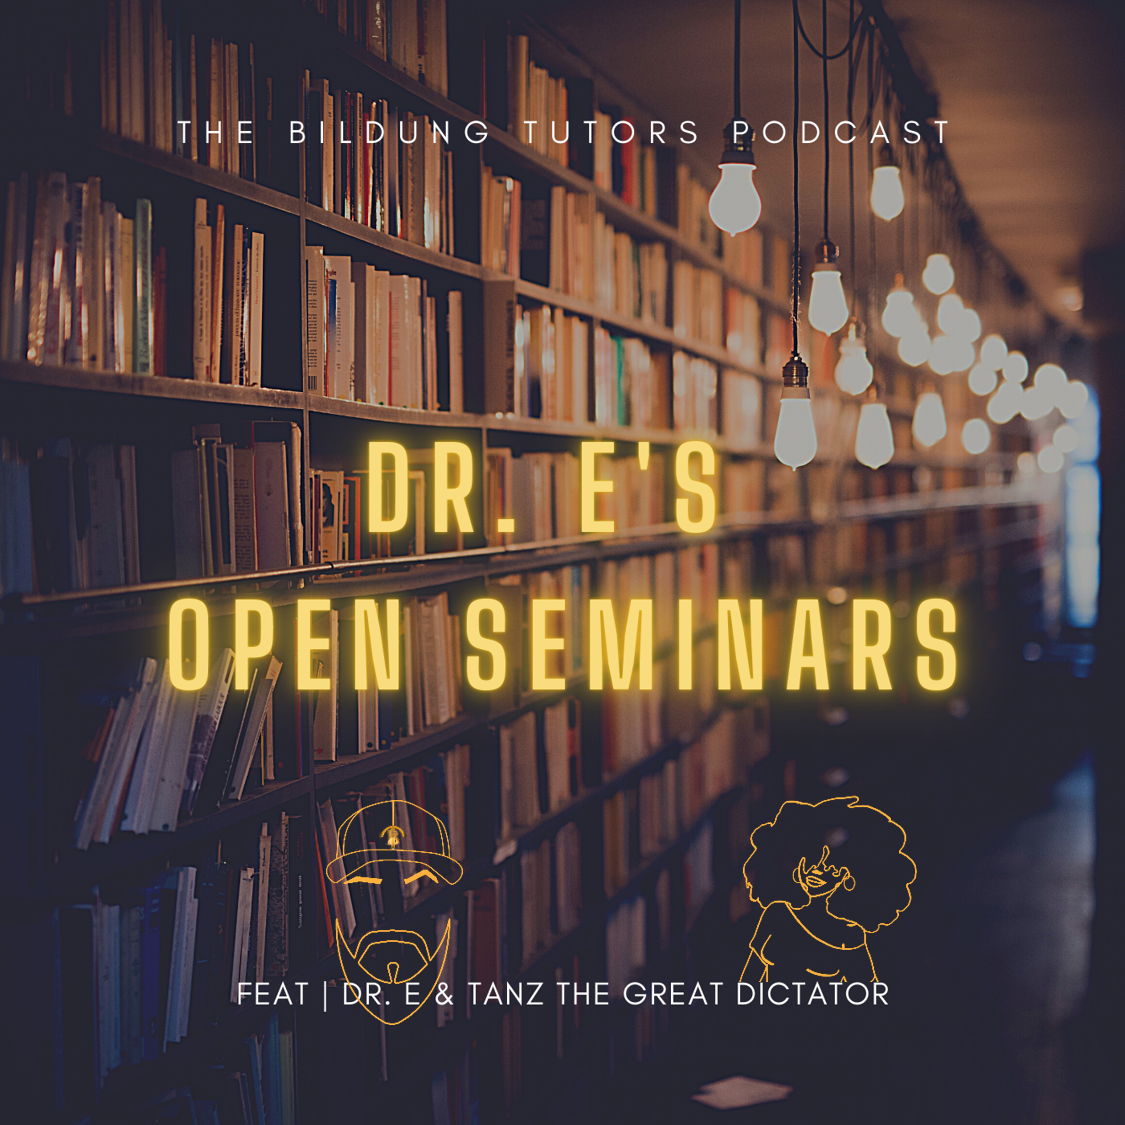 Dr. E's Open Seminars